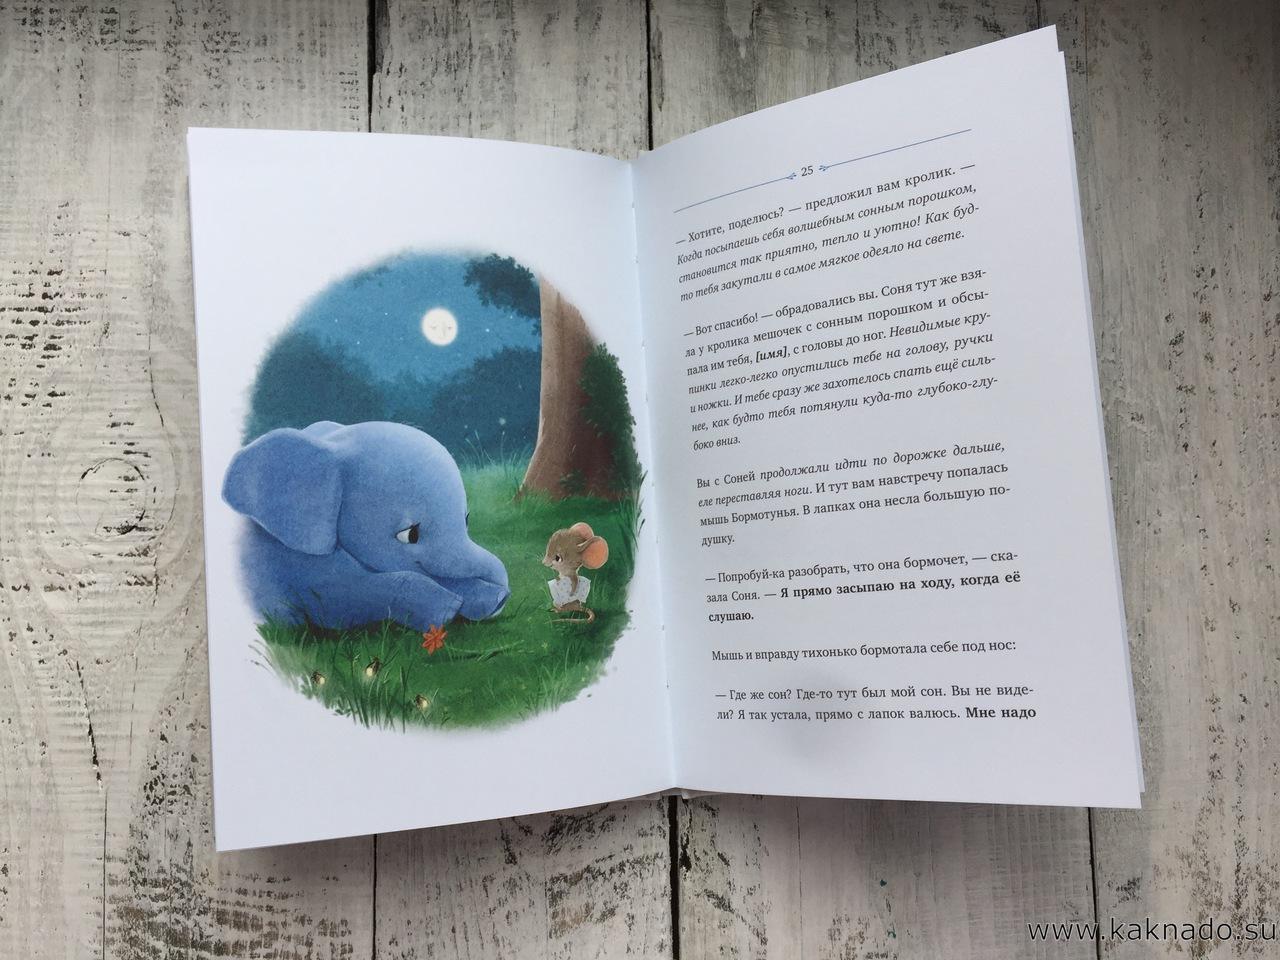 Слоненок, который хочет уснуть (1)